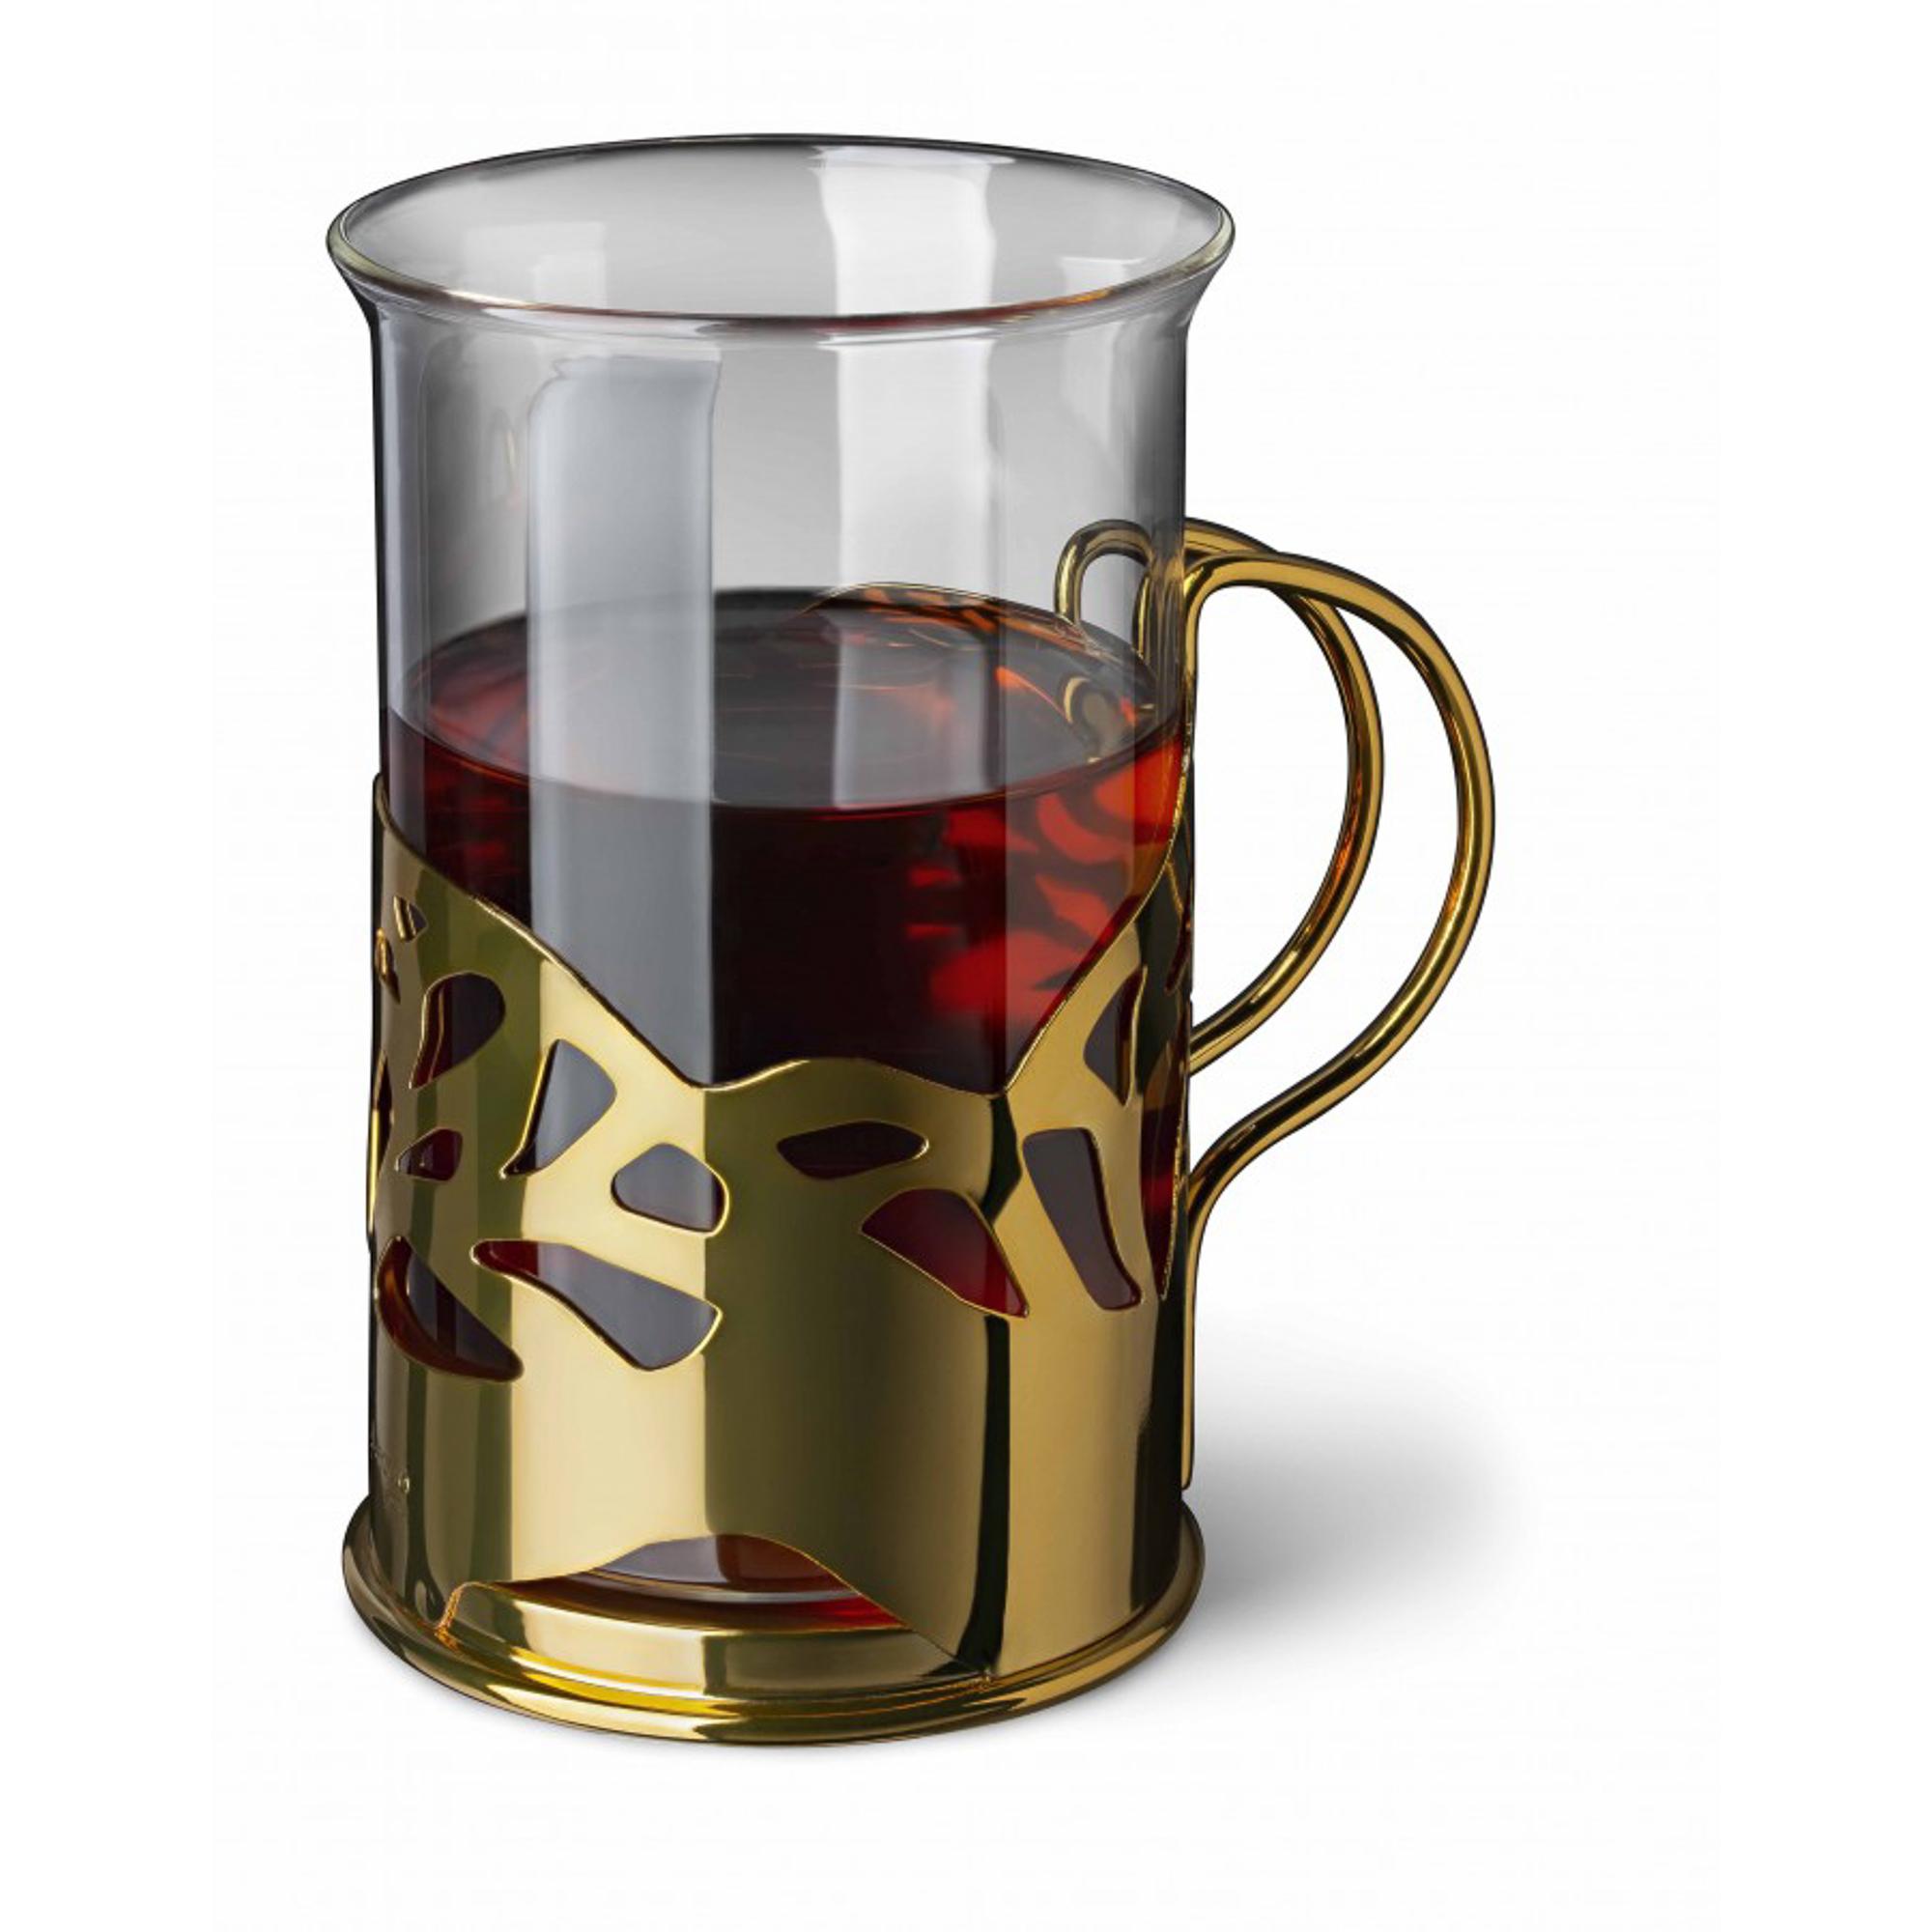 Набор стаканов в подстаканнике APOLLO genio Cite Gold 250 мл 2 шт, сахарница apollo genio cite black onyx 300мл с ложкой нерж сталь стекло